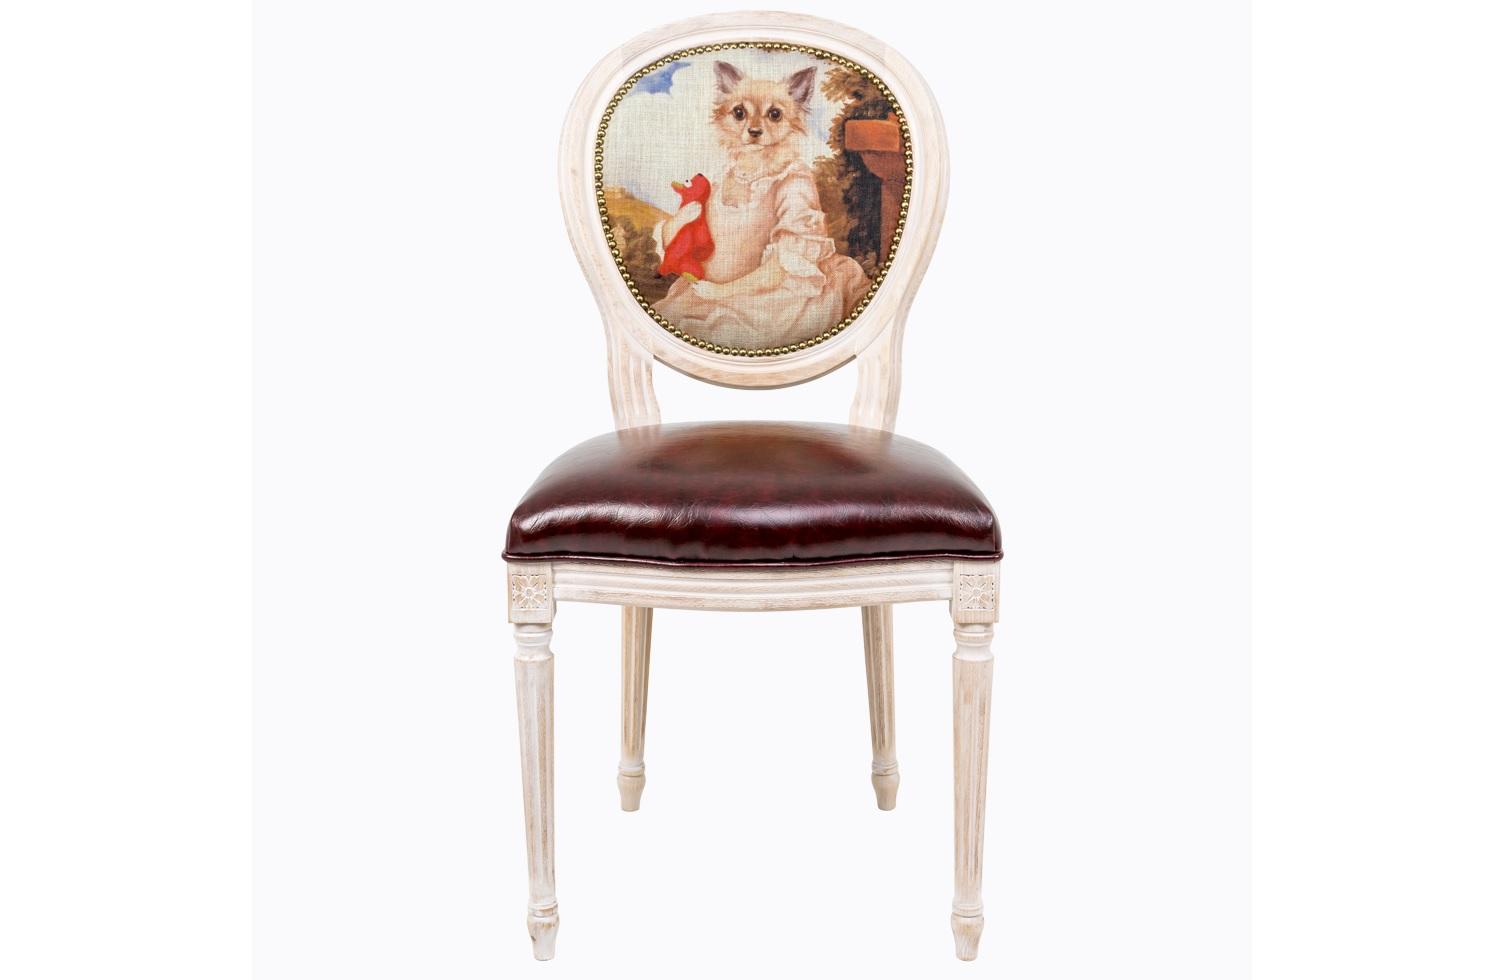 Стул Музейный экспонат, версия 18Обеденные стулья<br>Стулья серии &amp;quot;Музейный экспонат&amp;quot; имитируют дворцовую эпоху Луи-Филиппа, предпочитающую благородные лаконичные формы, раскрашенные золотистыми анкерами и филигранной резьбой. Натуральное дерево и ручная работа одухотворяют предметы мебели, вносят эмоции тепла и персональной заботы. Стулья изготовлены из ядра натурального бука. Корпусы стульев серии &amp;quot;Музейный экспонат&amp;quot; выточены, брашированы и патинированы в Италии. Благородная фактура натурального дерева подчеркнута рукописной патиной. Обивка спинки оснащена тефлоновым покрытием против пятен.&amp;lt;div&amp;gt;&amp;lt;br&amp;gt;&amp;lt;/div&amp;gt;&amp;lt;div&amp;gt;Материал сидения - экокожа.&amp;lt;/div&amp;gt;<br><br>Material: Дерево<br>Width см: 50<br>Depth см: 47<br>Height см: 98